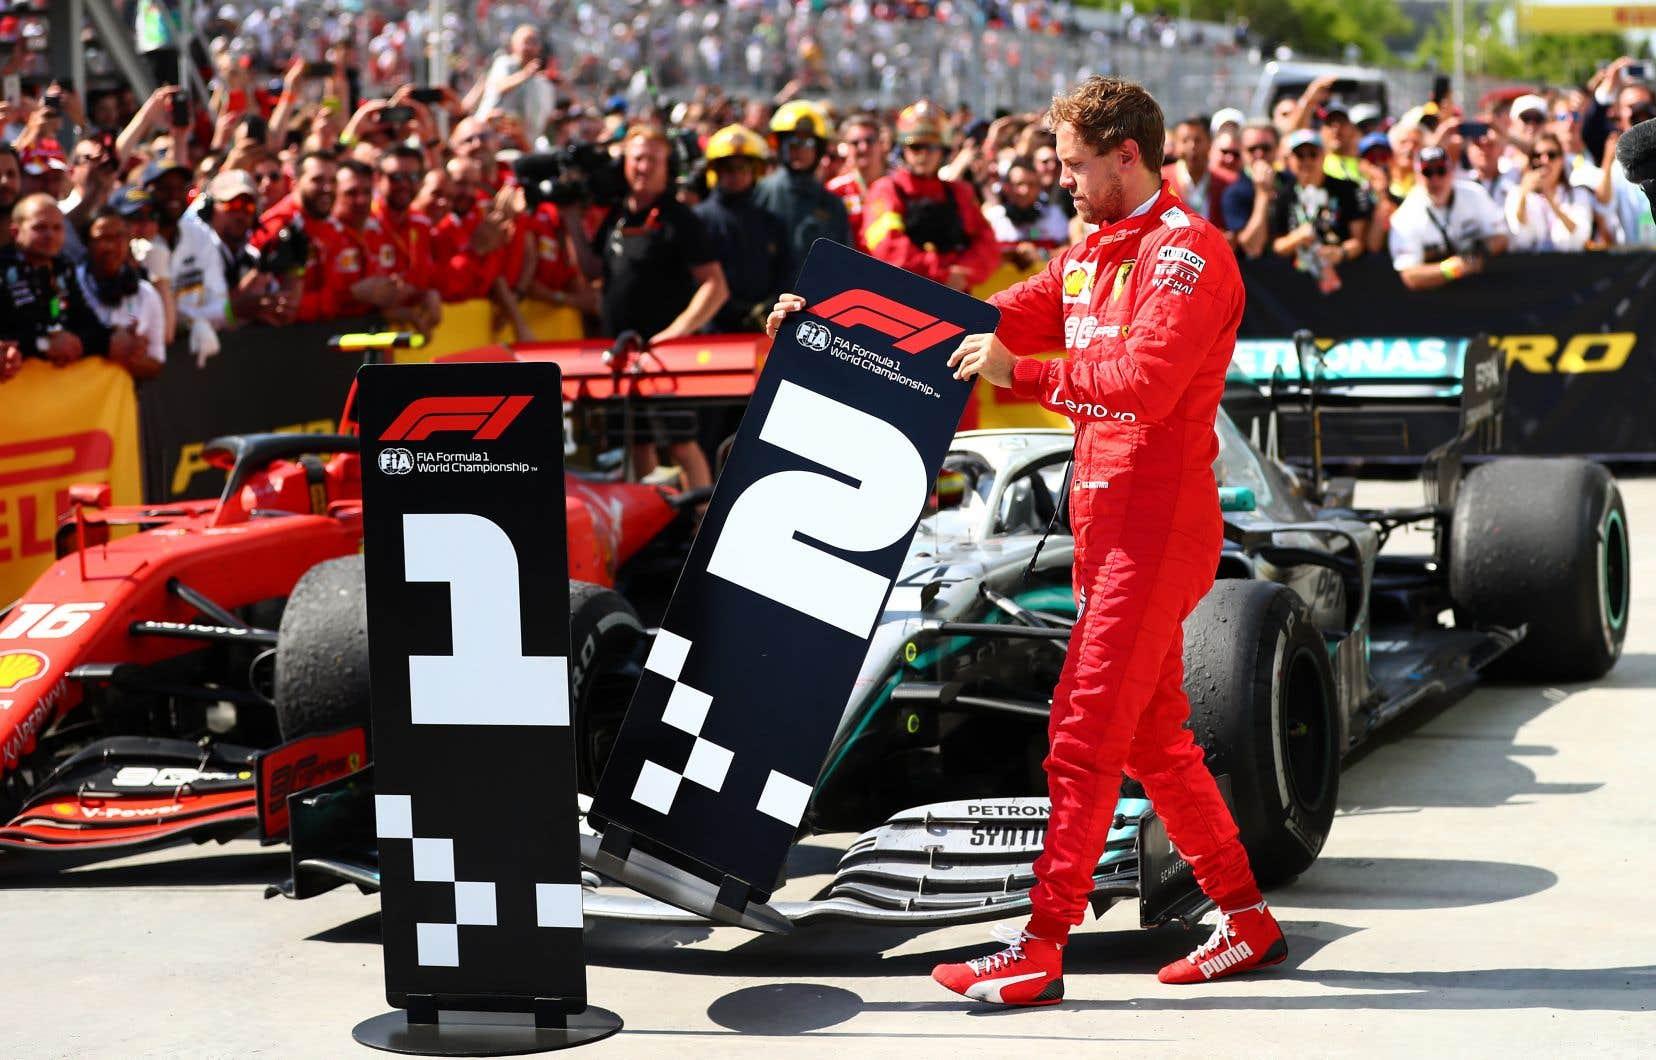 Frustré à l'issue de la course, Vettel a interverti les panneaux de première et deuxième place.